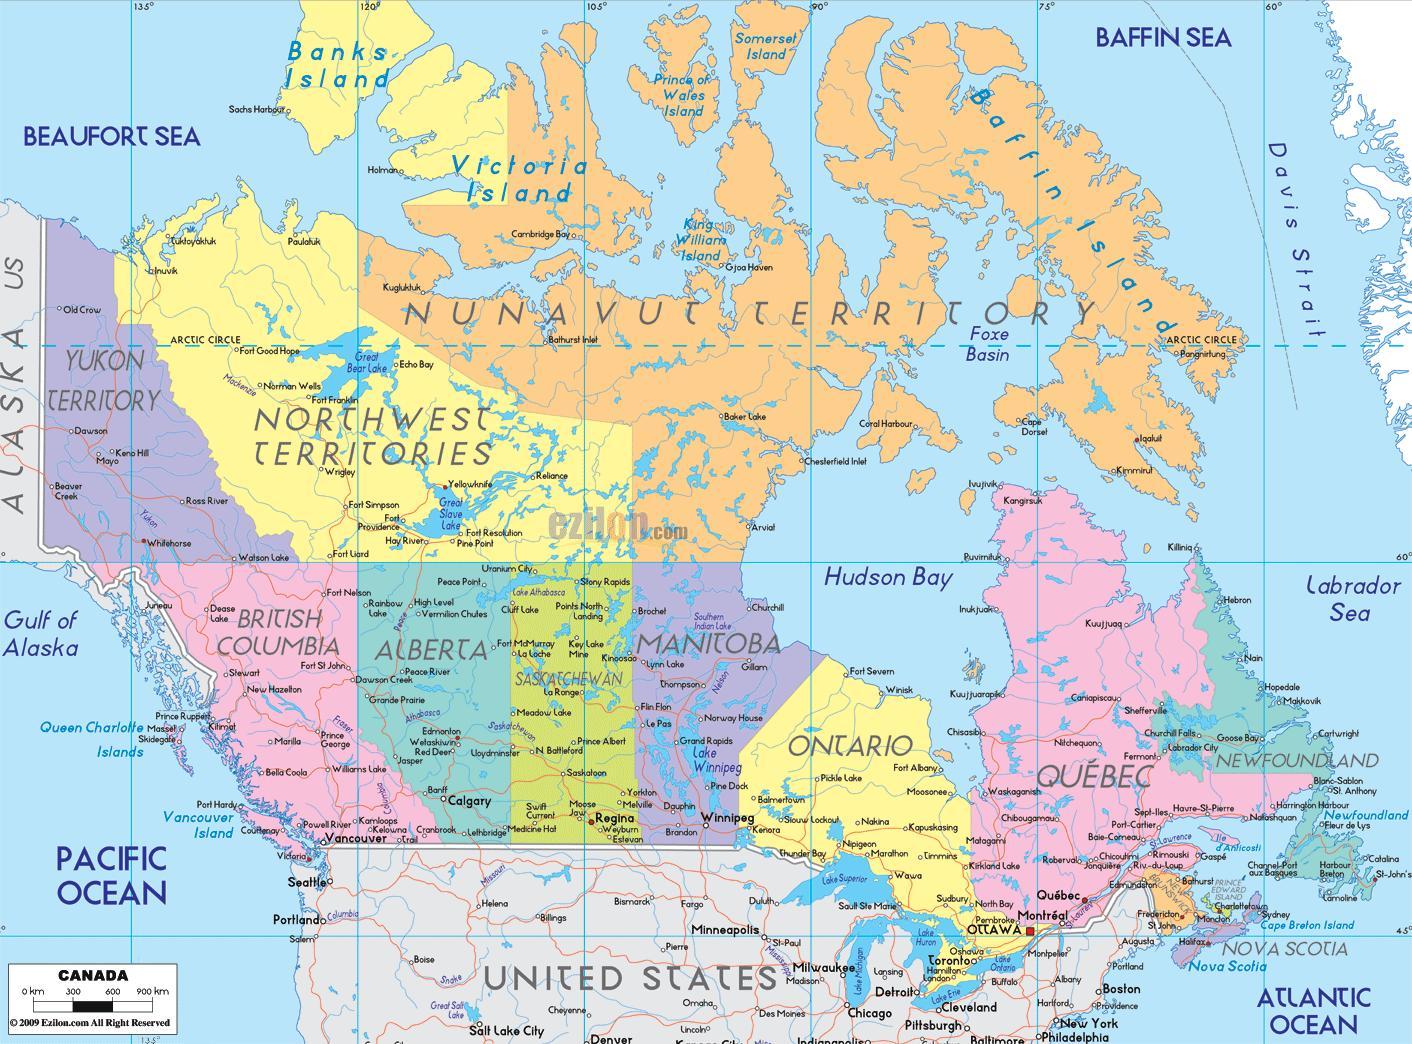 Kort Over Det Ostlige Canada Detaljeret Kort Over Det Ostlige